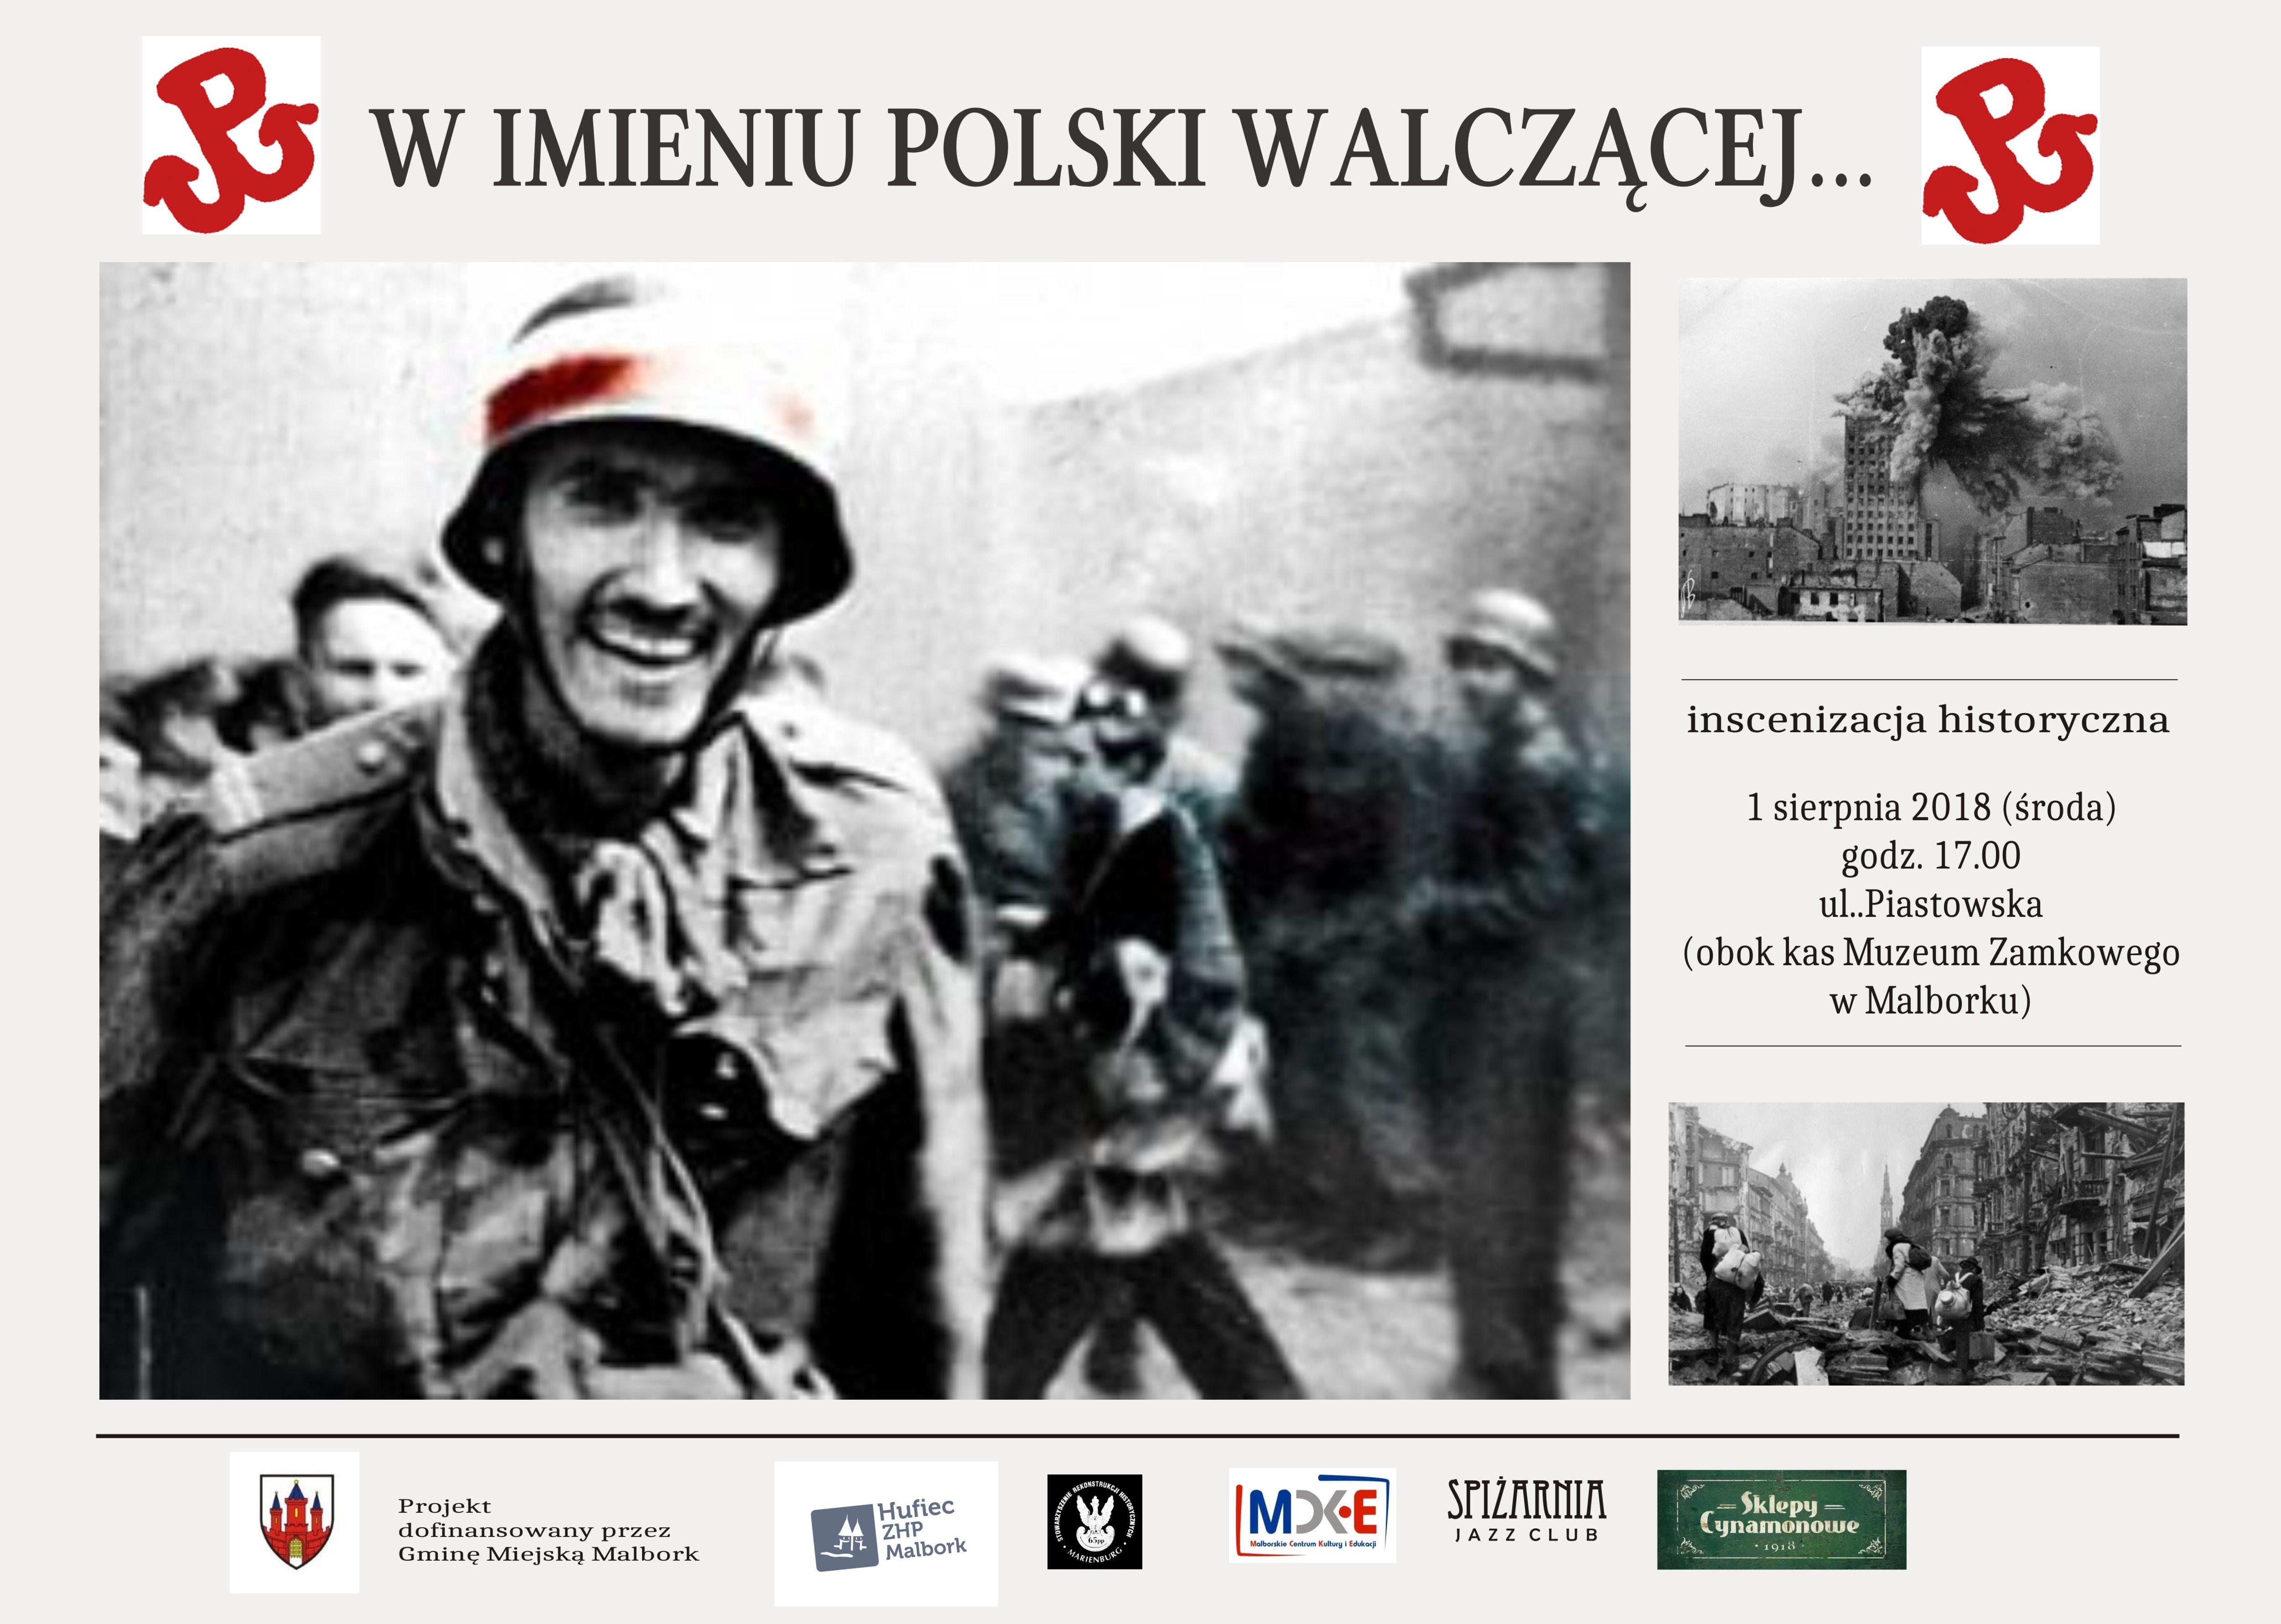 http://m.82-200.pl/2018/07/orig/w-imiwniu-polski-walczacej-3340.jpg